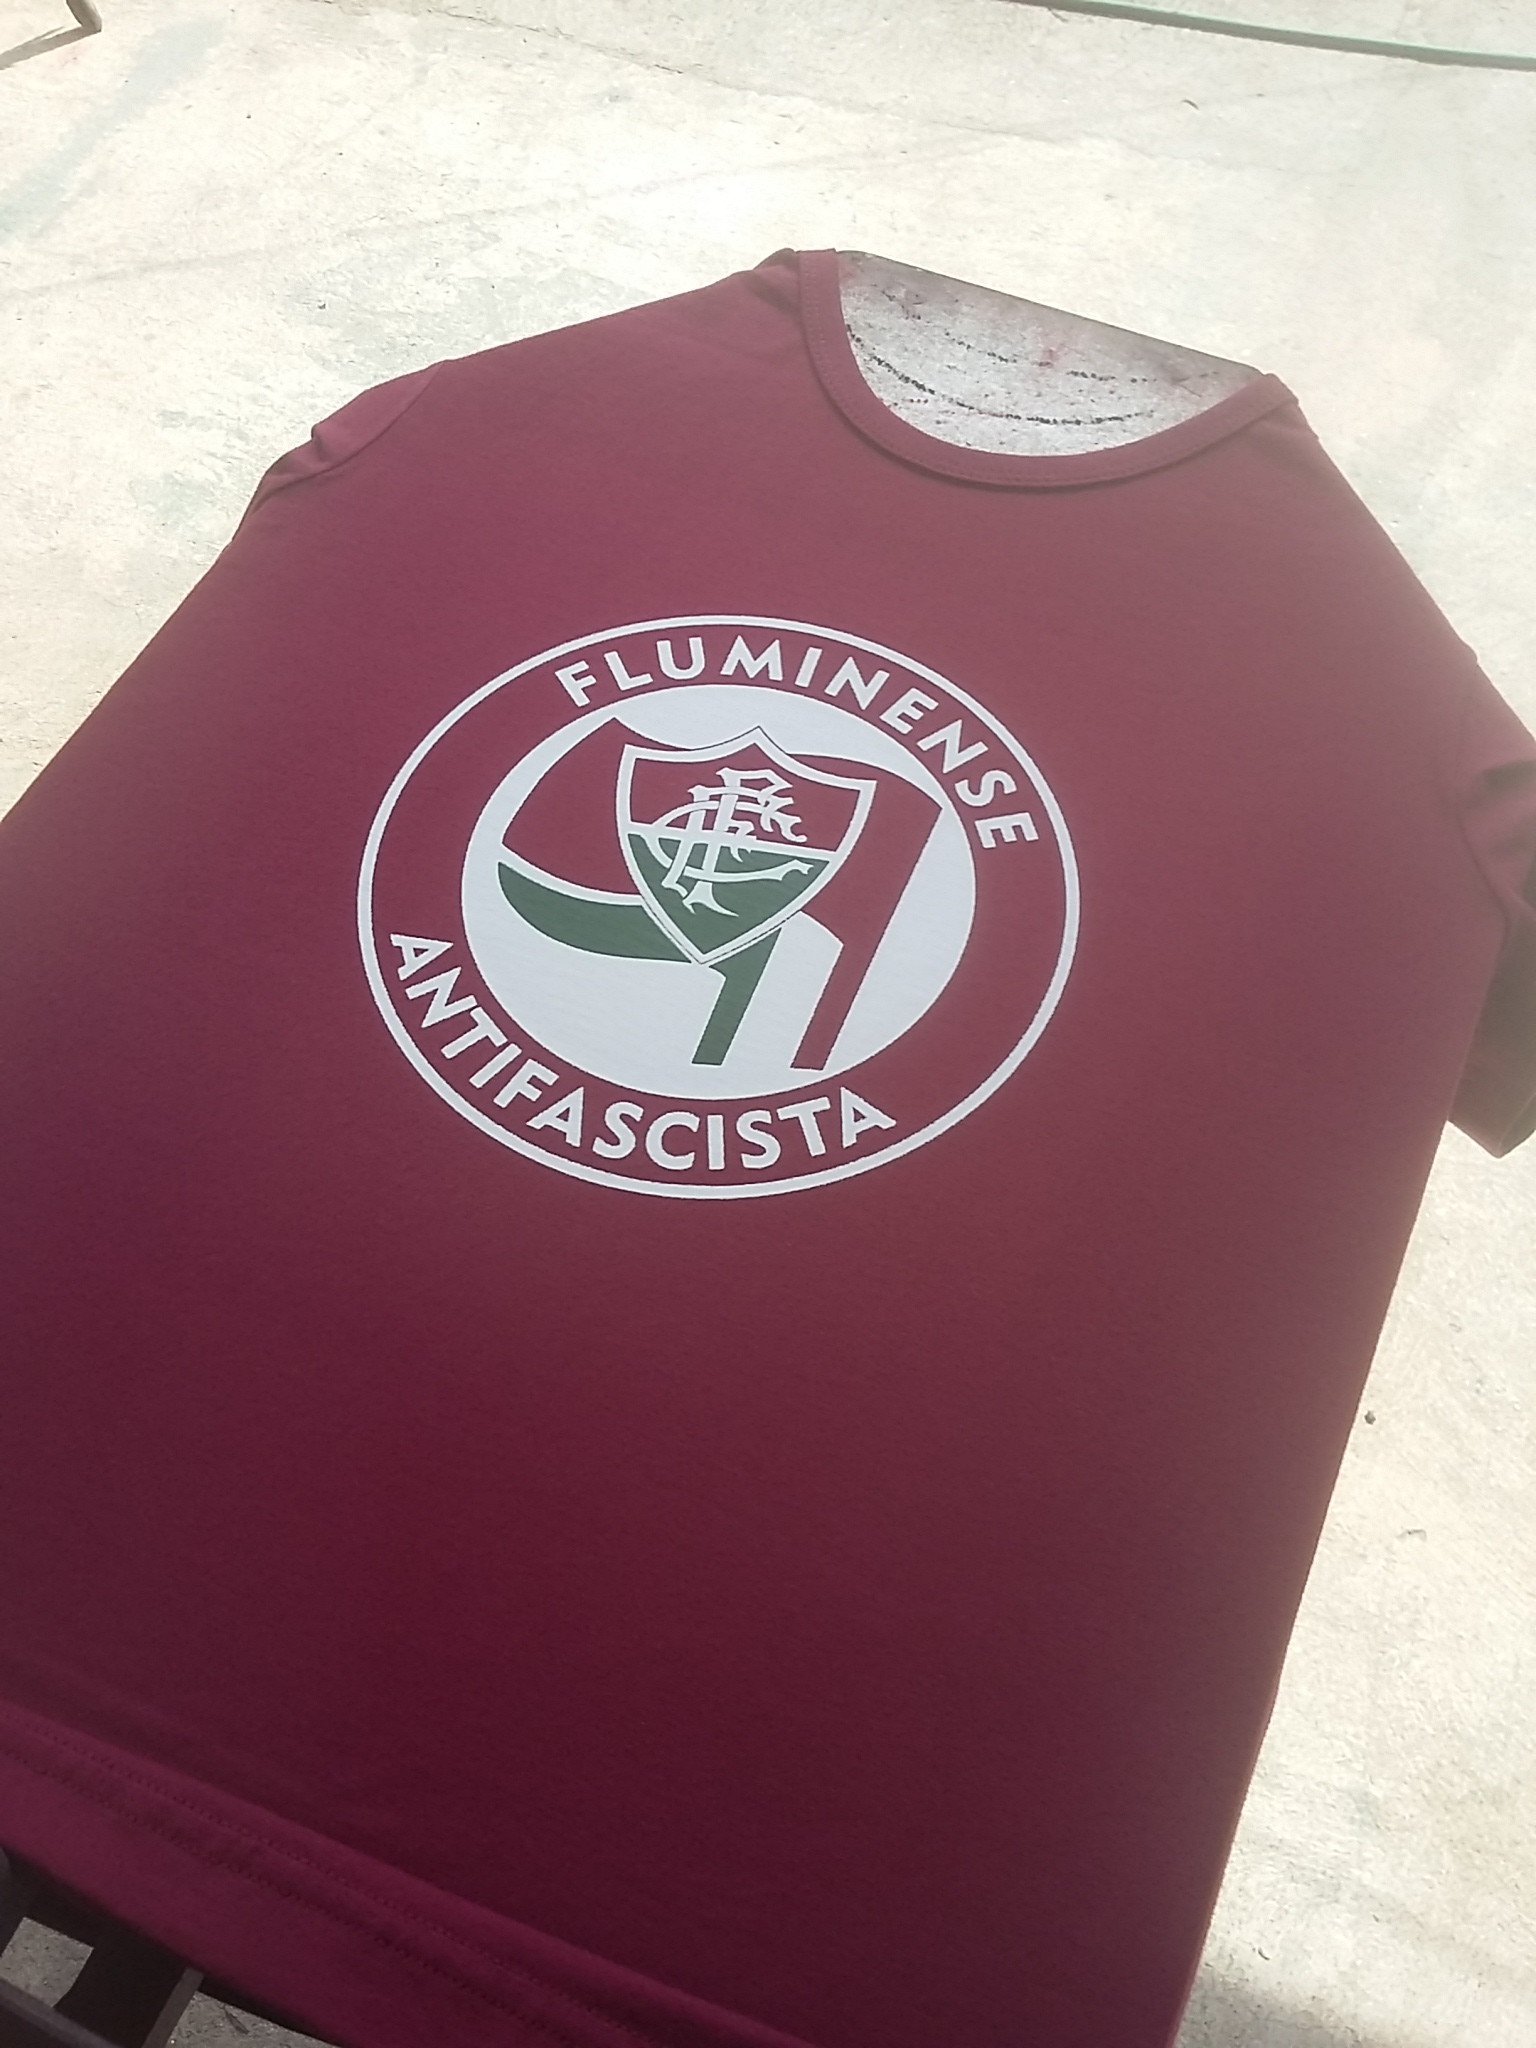 Camisa Fluminense Antifascista Grena  0cd20783ba8f1